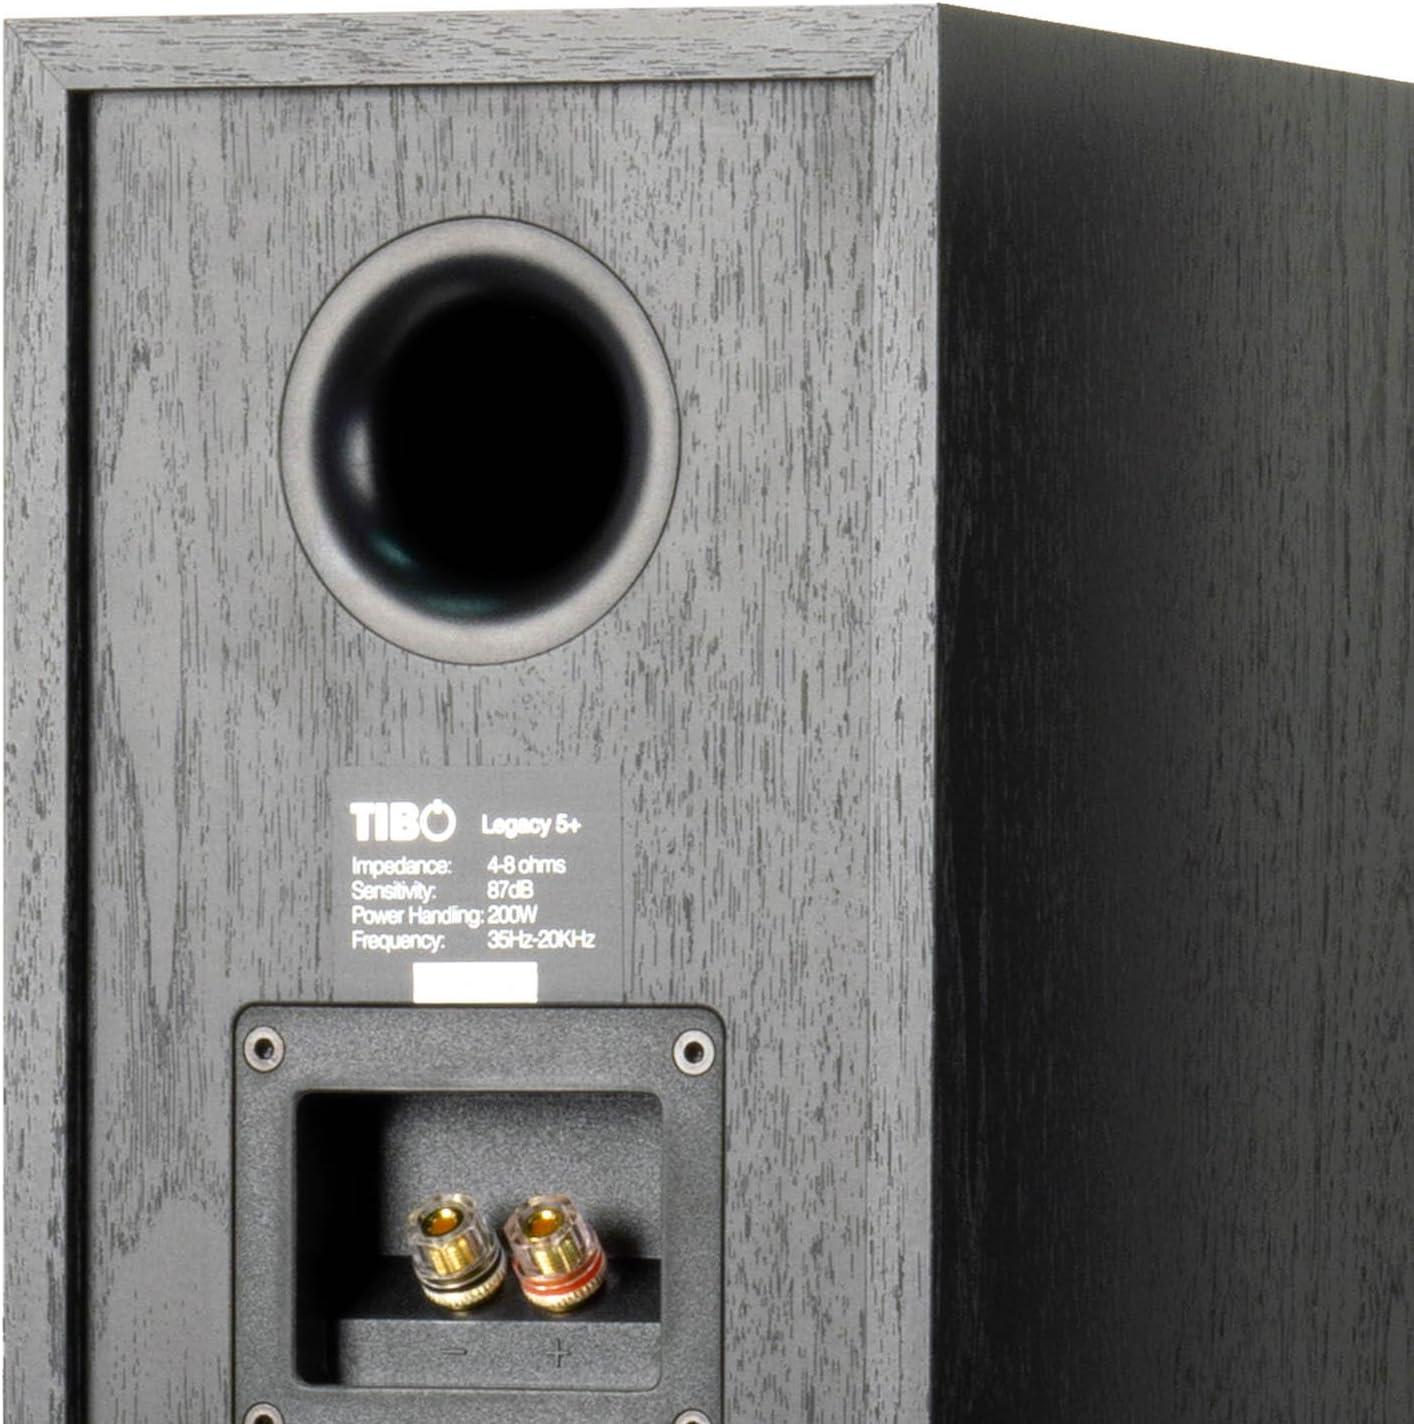 Tibo Legacy 5 + Altavoz para Amplificador, Color Negro: Amazon.es: Electrónica